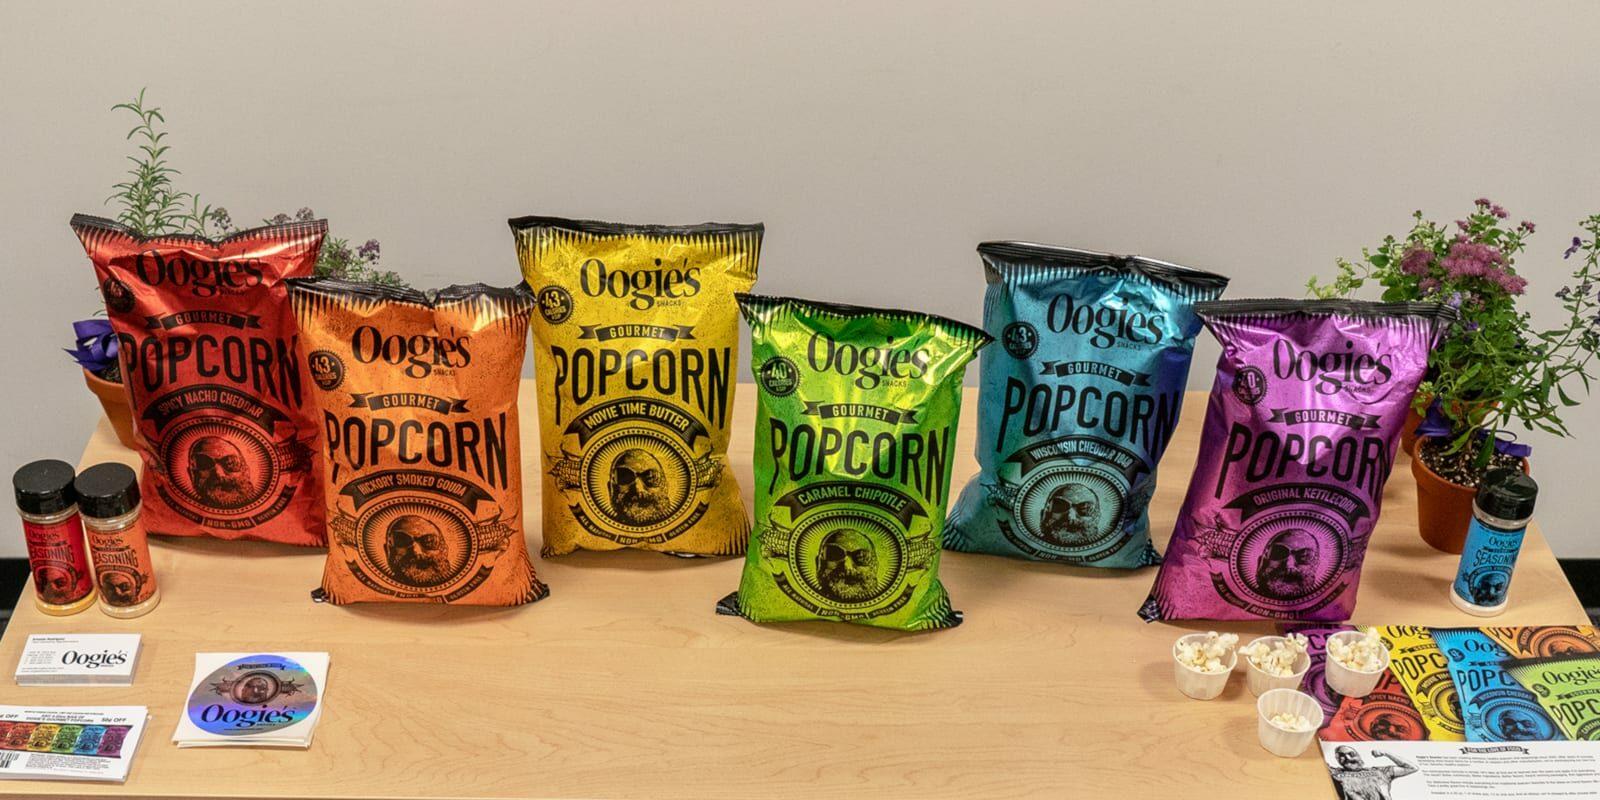 Oogie's Gourmet Popcorn Denver Colorado